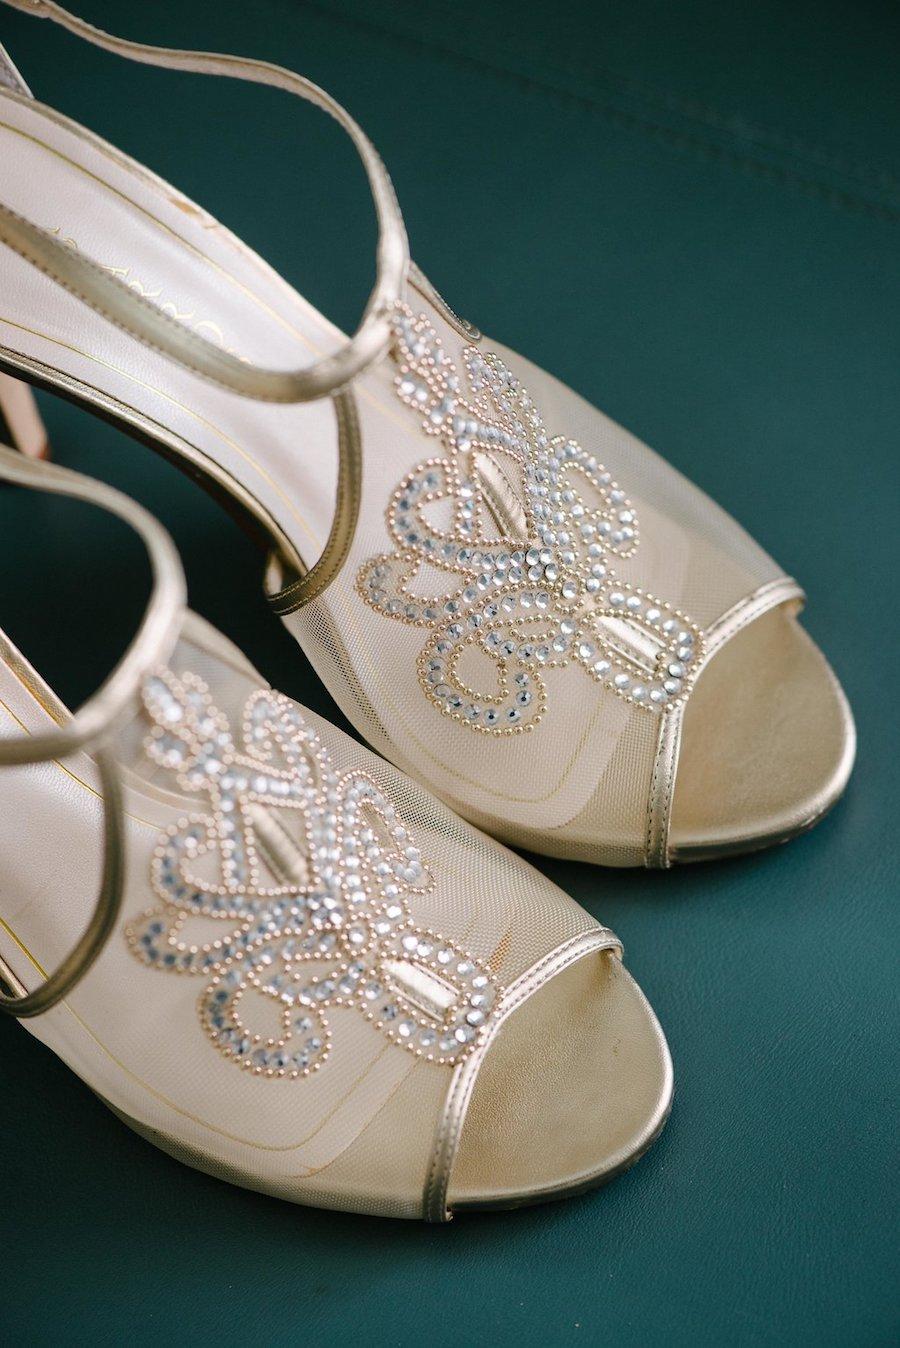 Gold Rhinestone Bridal Wedding Heels